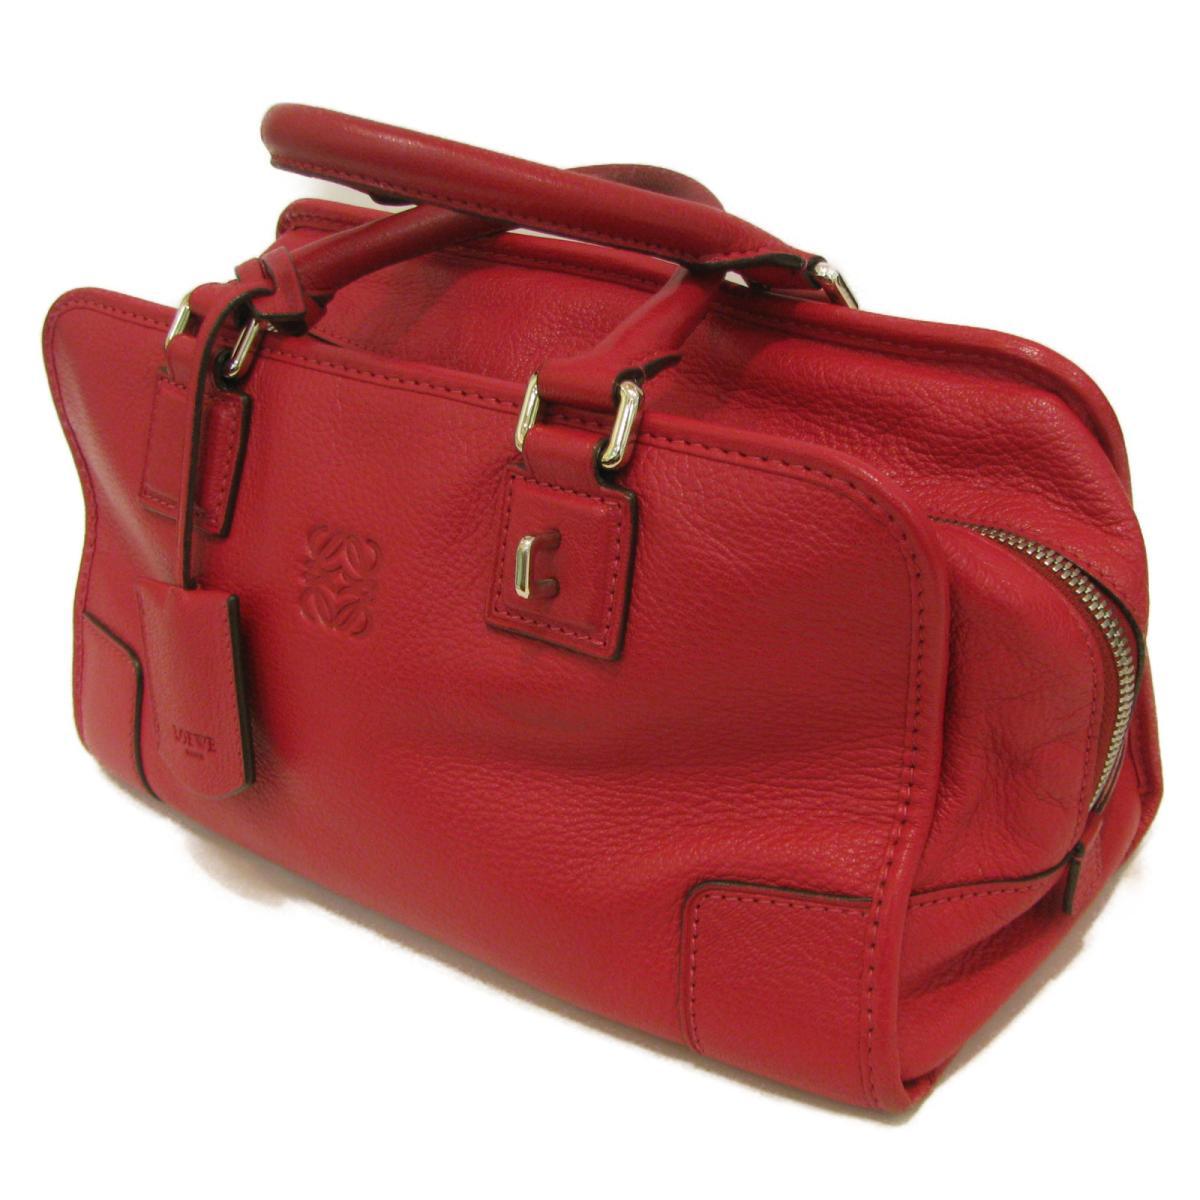 ロエベアマソナ 28 handbag bag lady goat leather (goat) red | LOEWE BRANDOFF brand  off-brand brand bag brand back bag backhand backhand